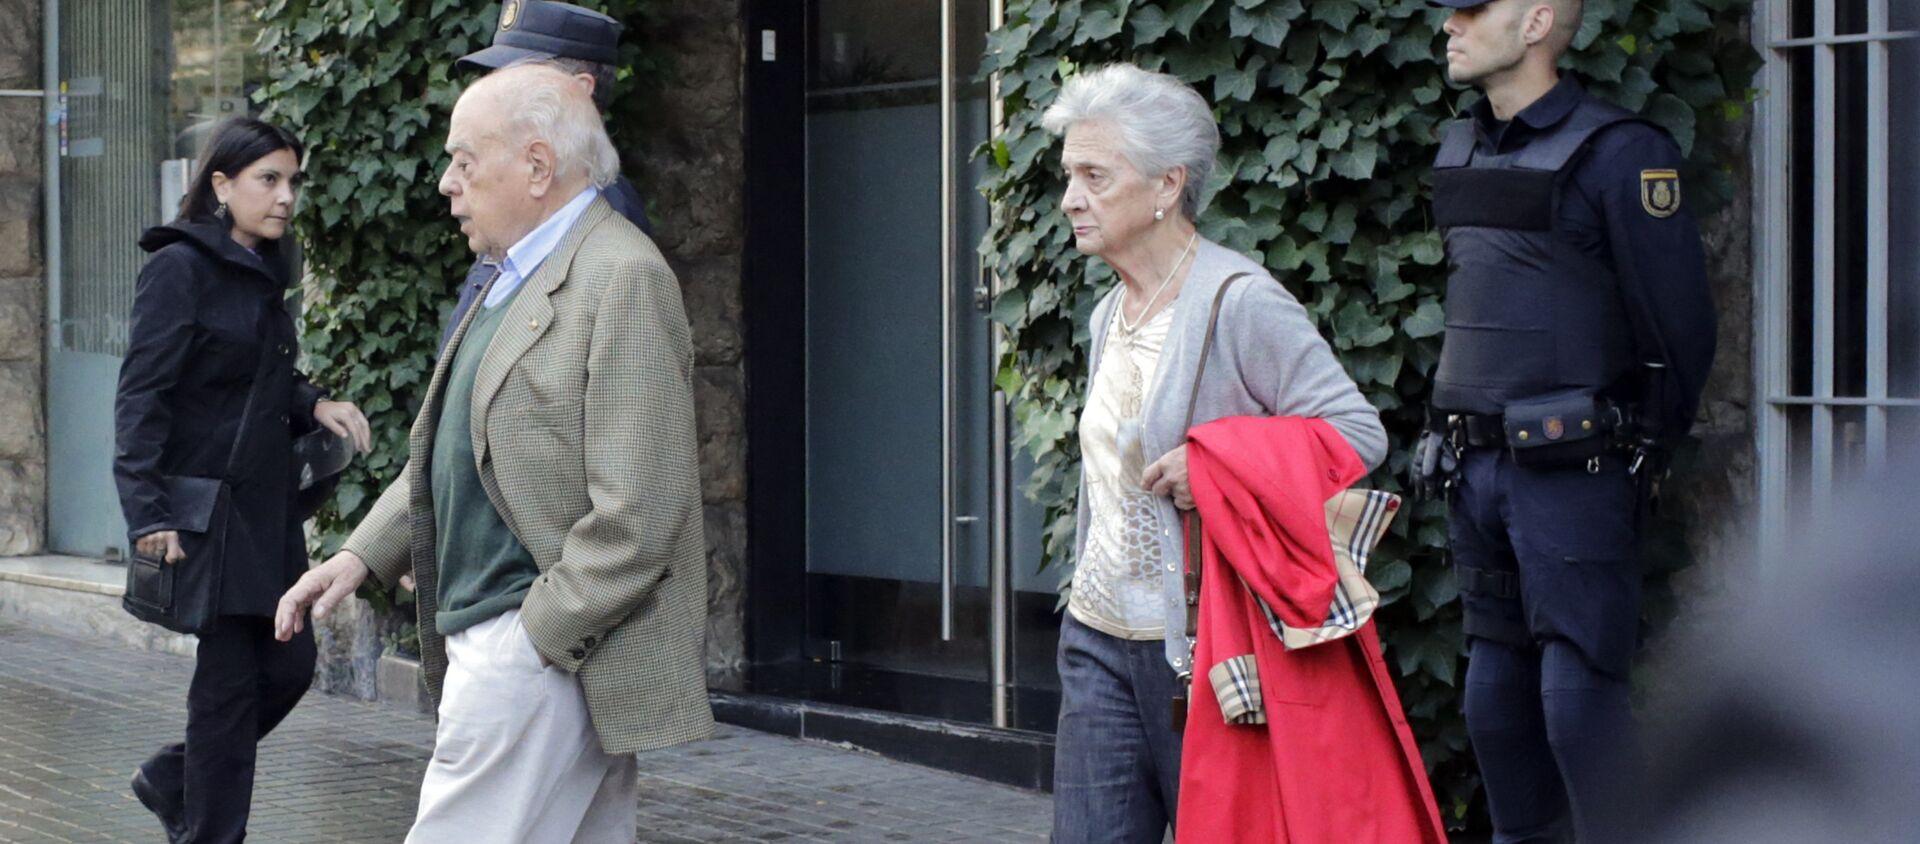 Catalan former President Jordi Pujol (L) and his wife Marta Ferrusola - Sputnik Mundo, 1920, 18.07.2020